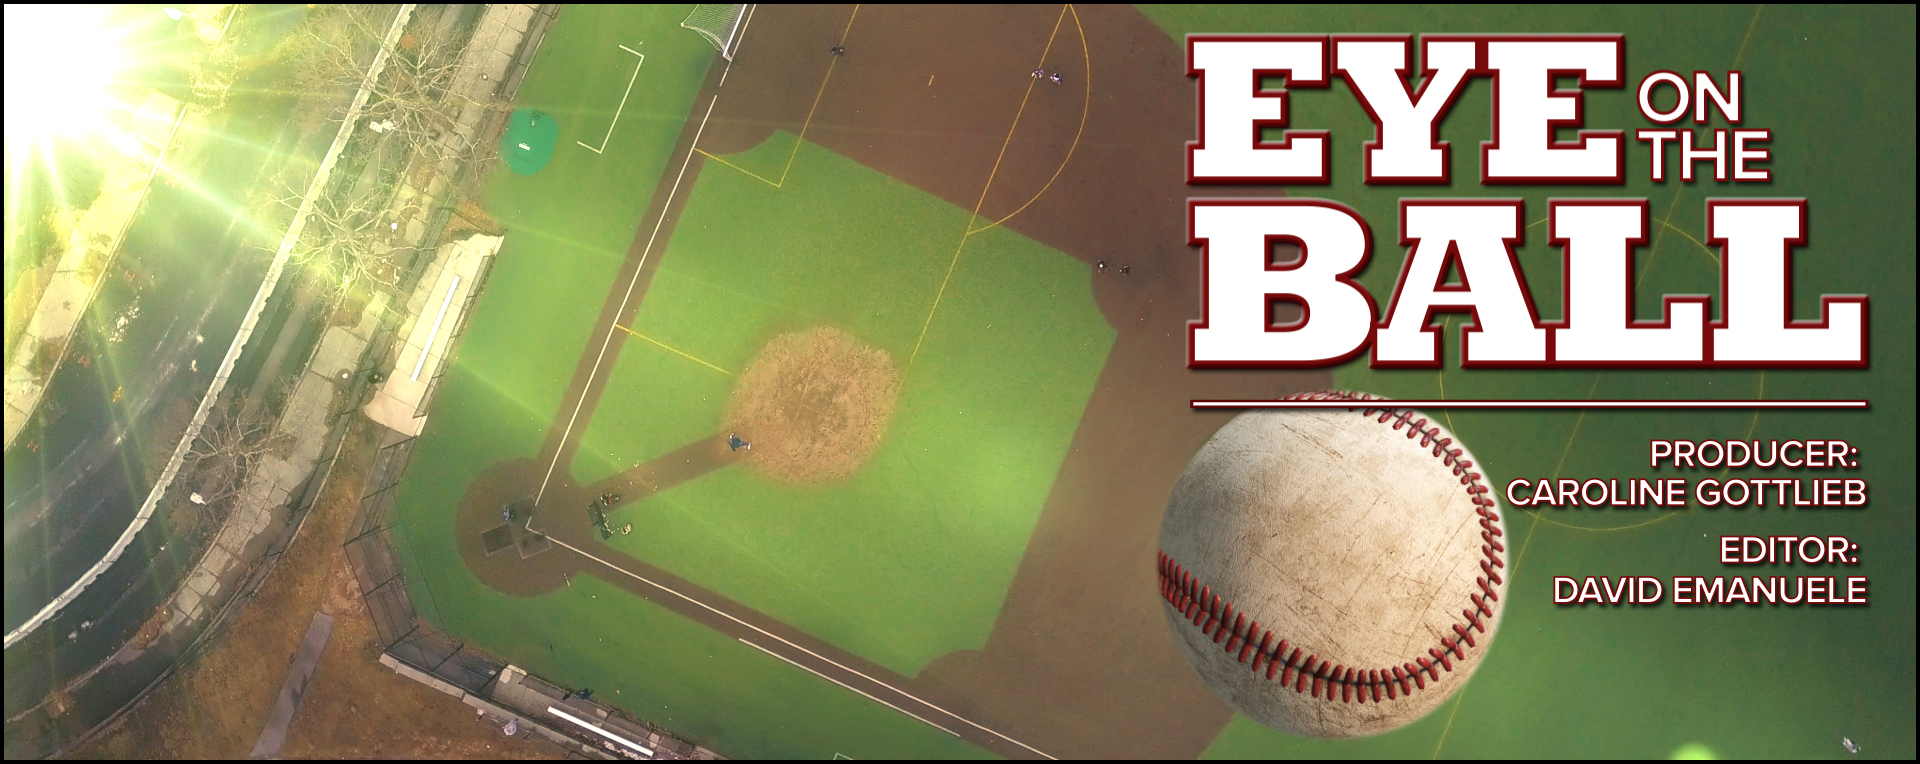 BASEBALL-EYES-SPOTLIGHT.jpg